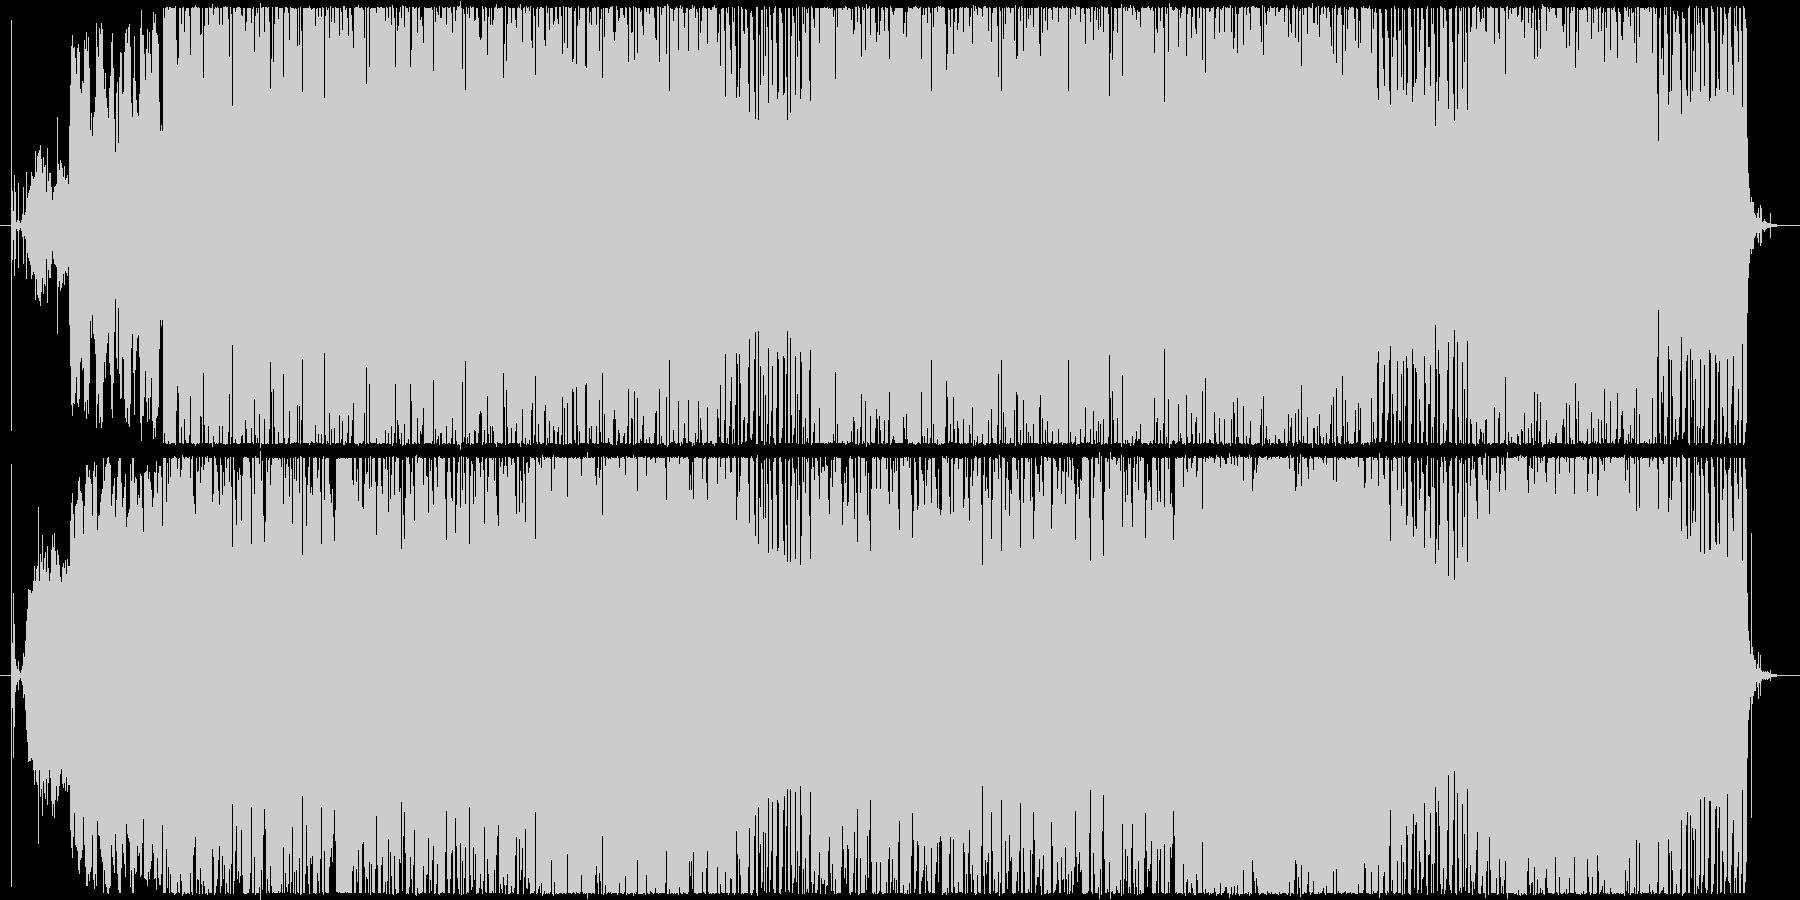 サイレンとホーンの音を使ったビートの未再生の波形